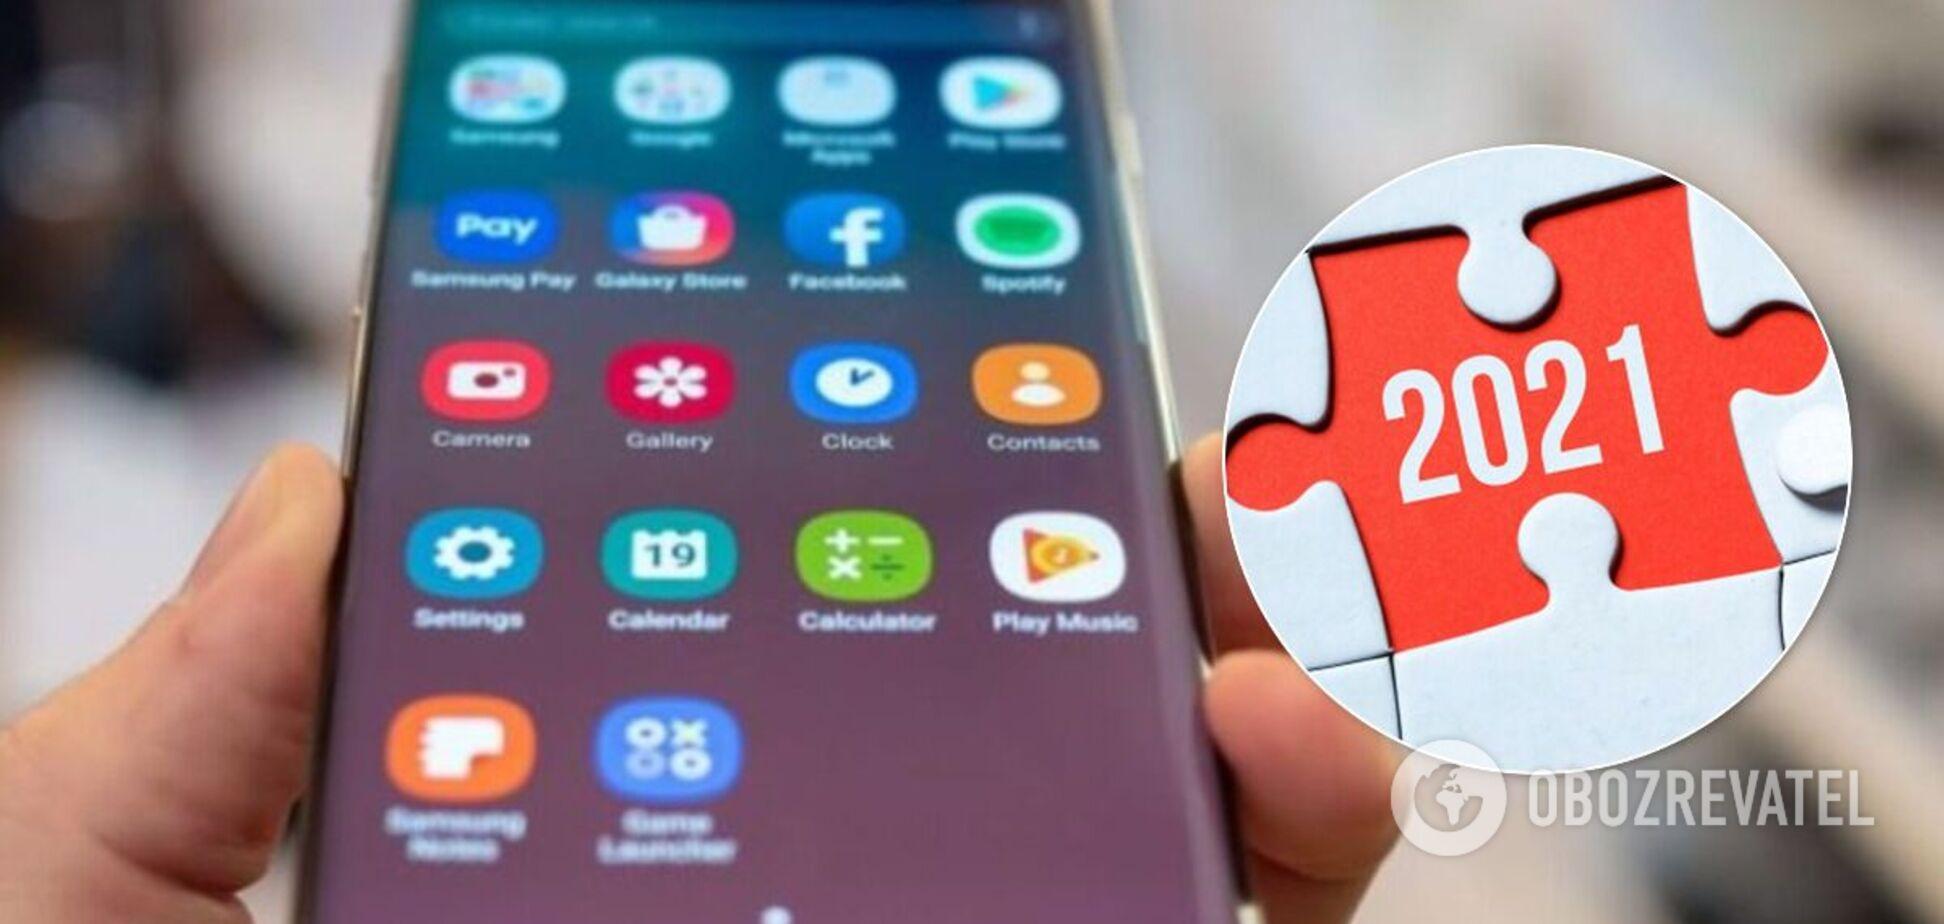 Експерти розповіли, що чекає смартфони в 2021 році